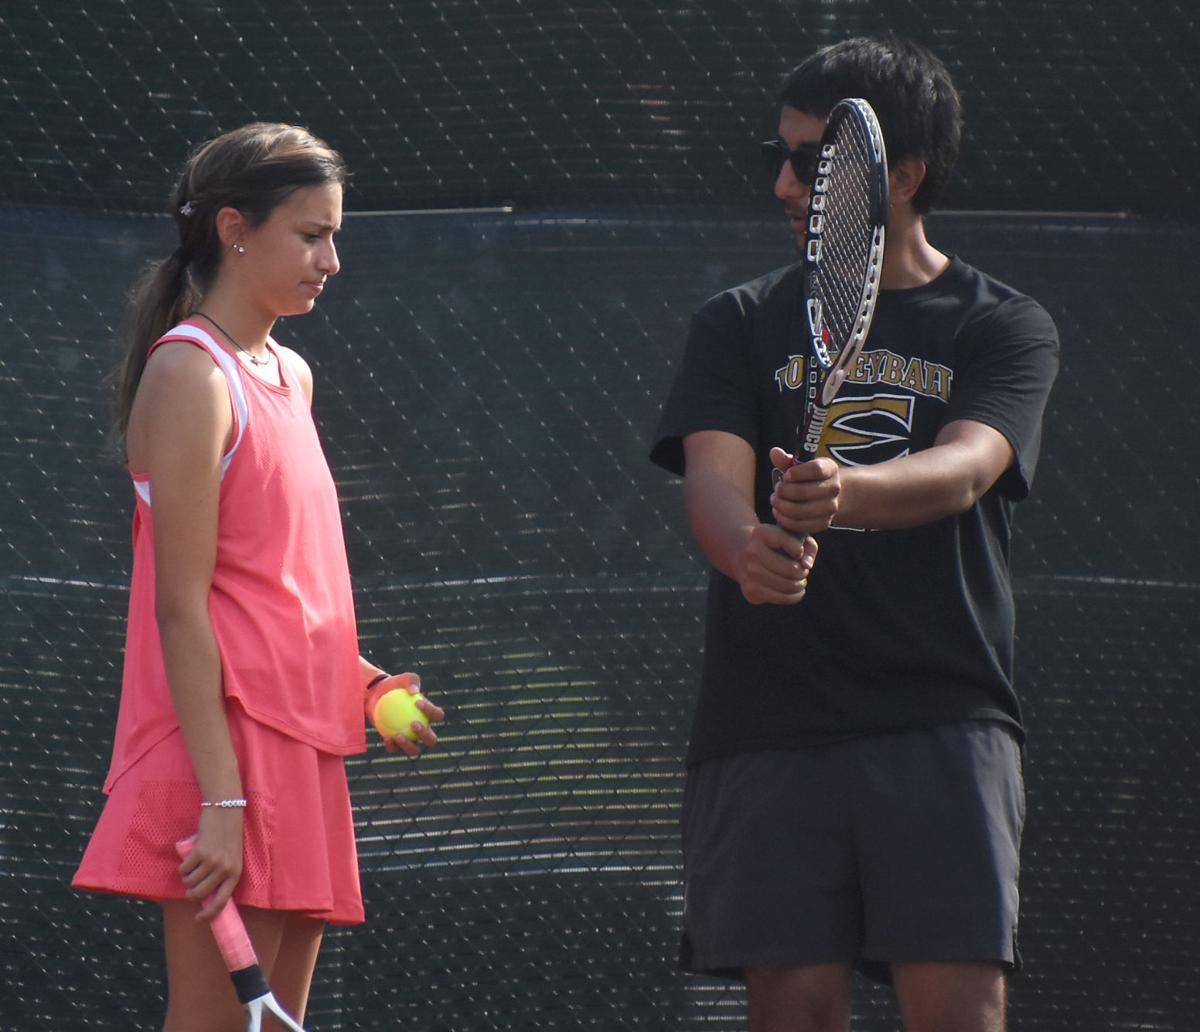 091019-gaz-tennis1.jpg